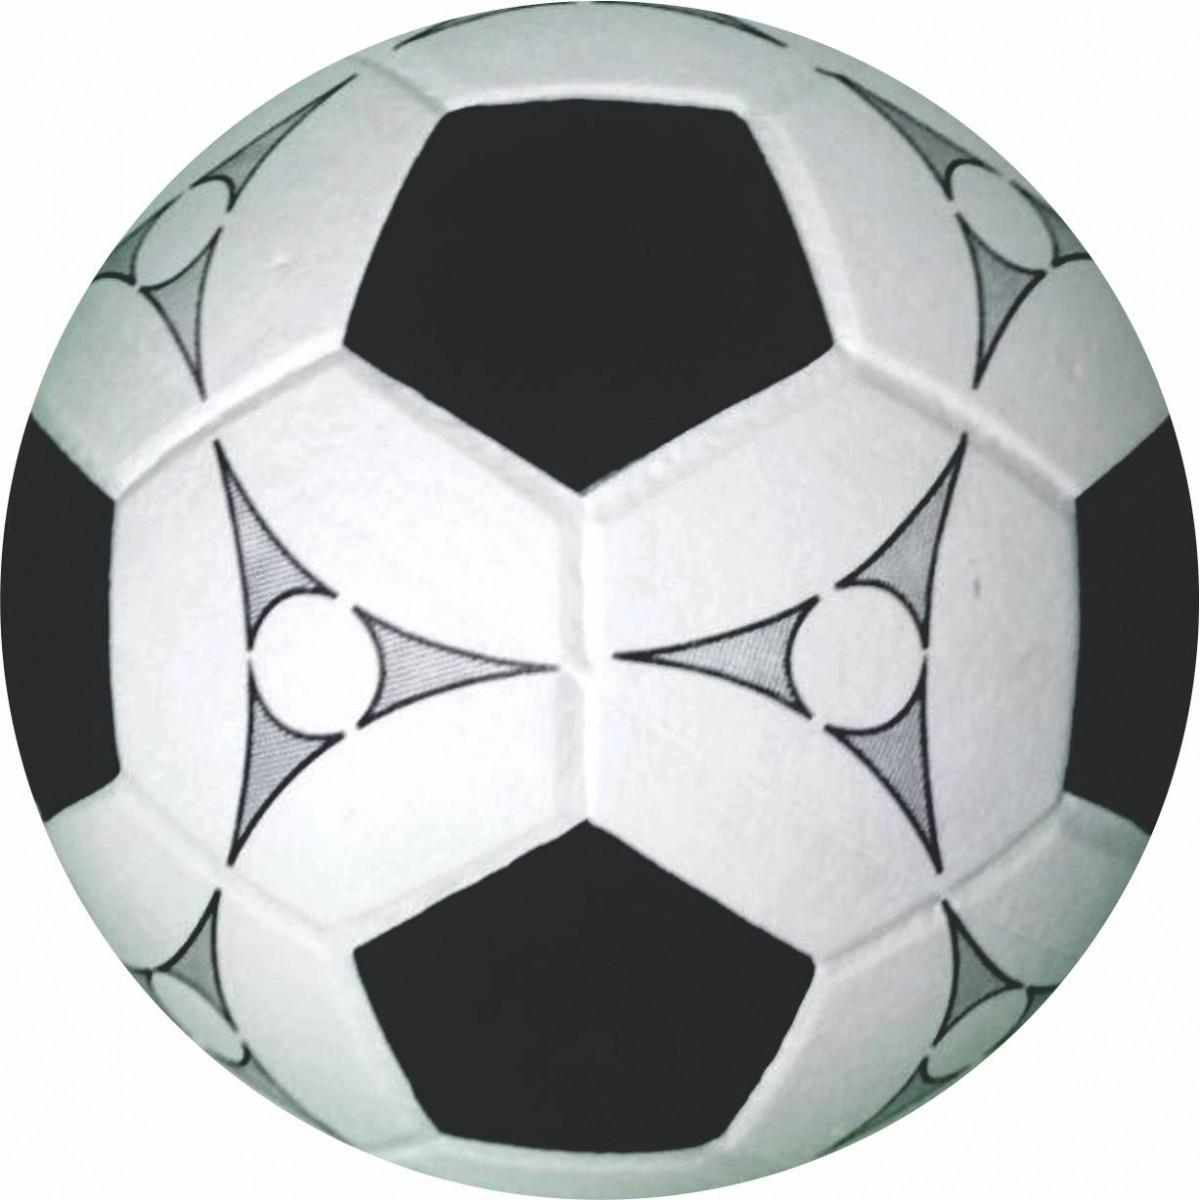 Bolas eva de futebol for Bolas para piscina de bolas